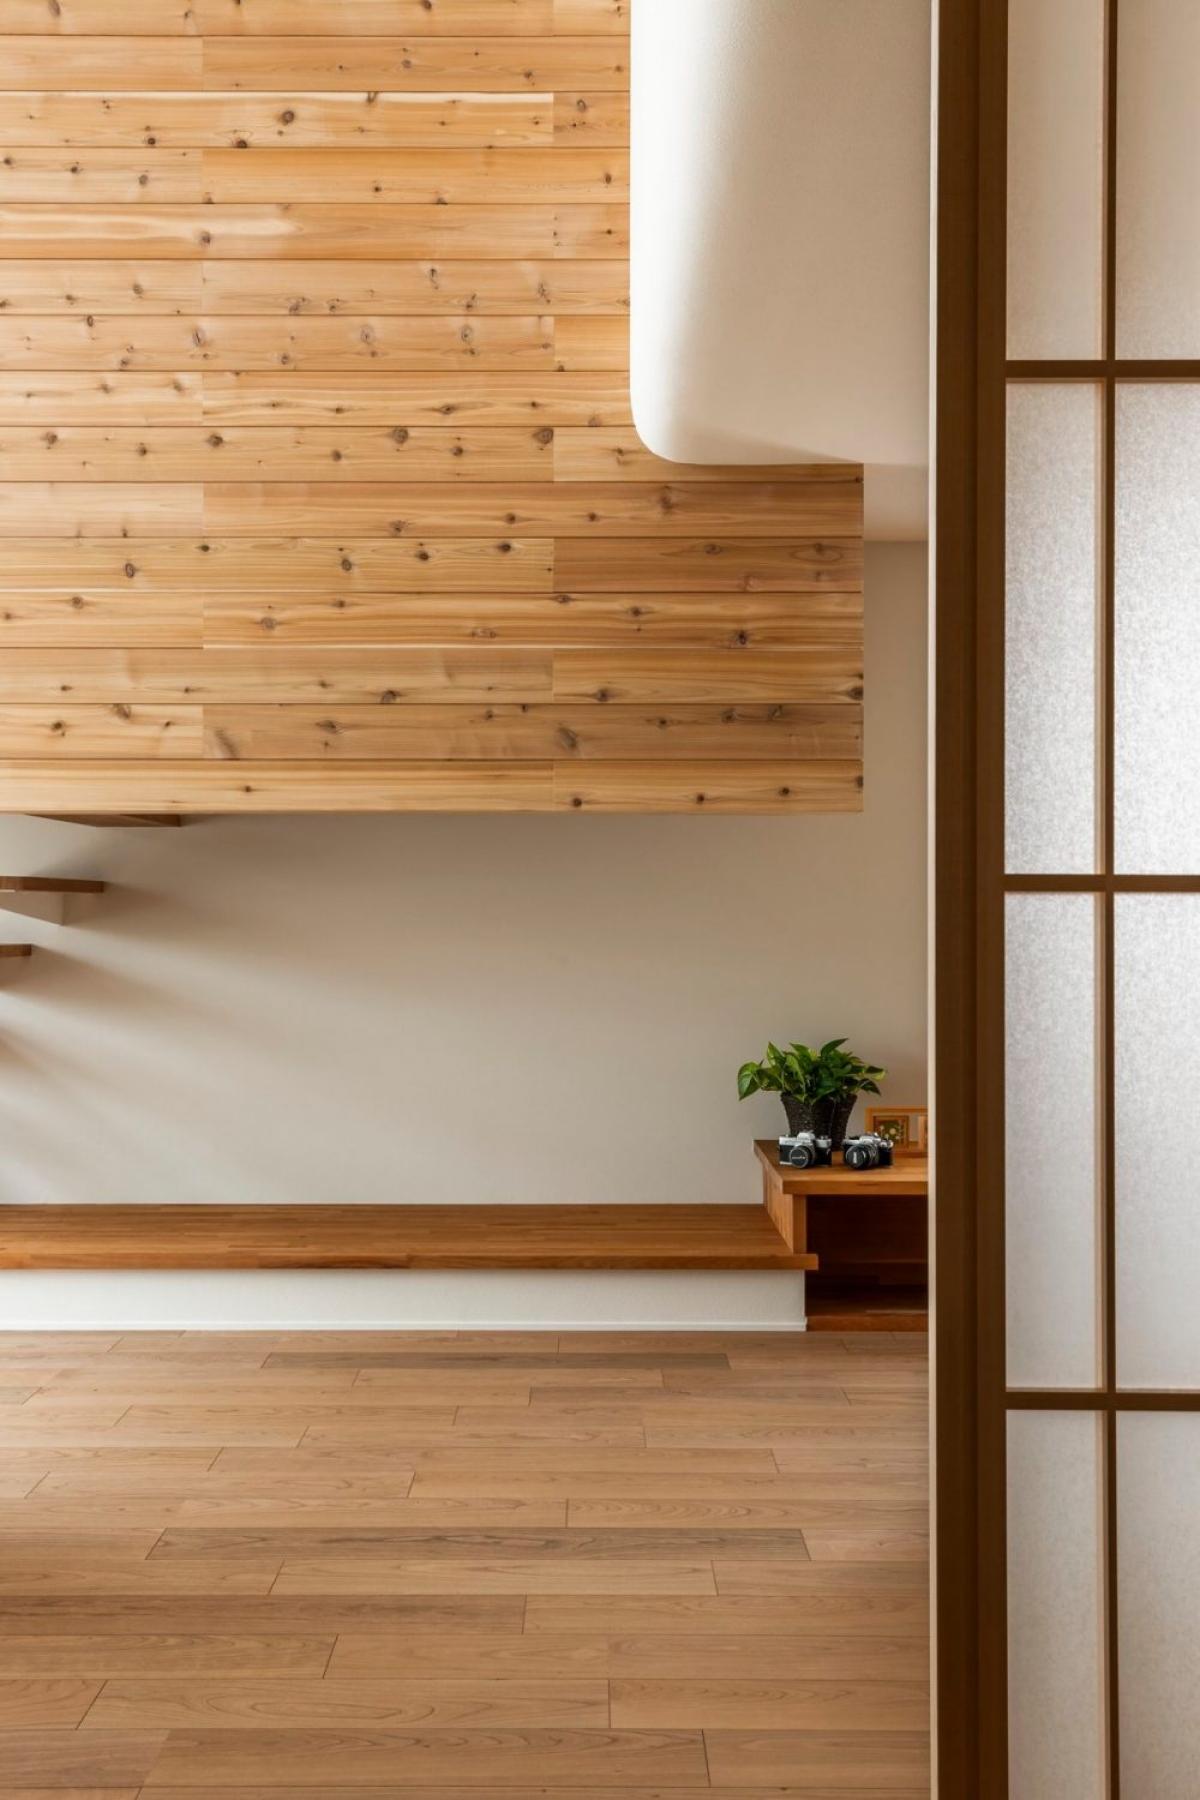 Những chiếc cửa kéo mang lại cho căn nhà sự tinh tế, mềm mại hơn.